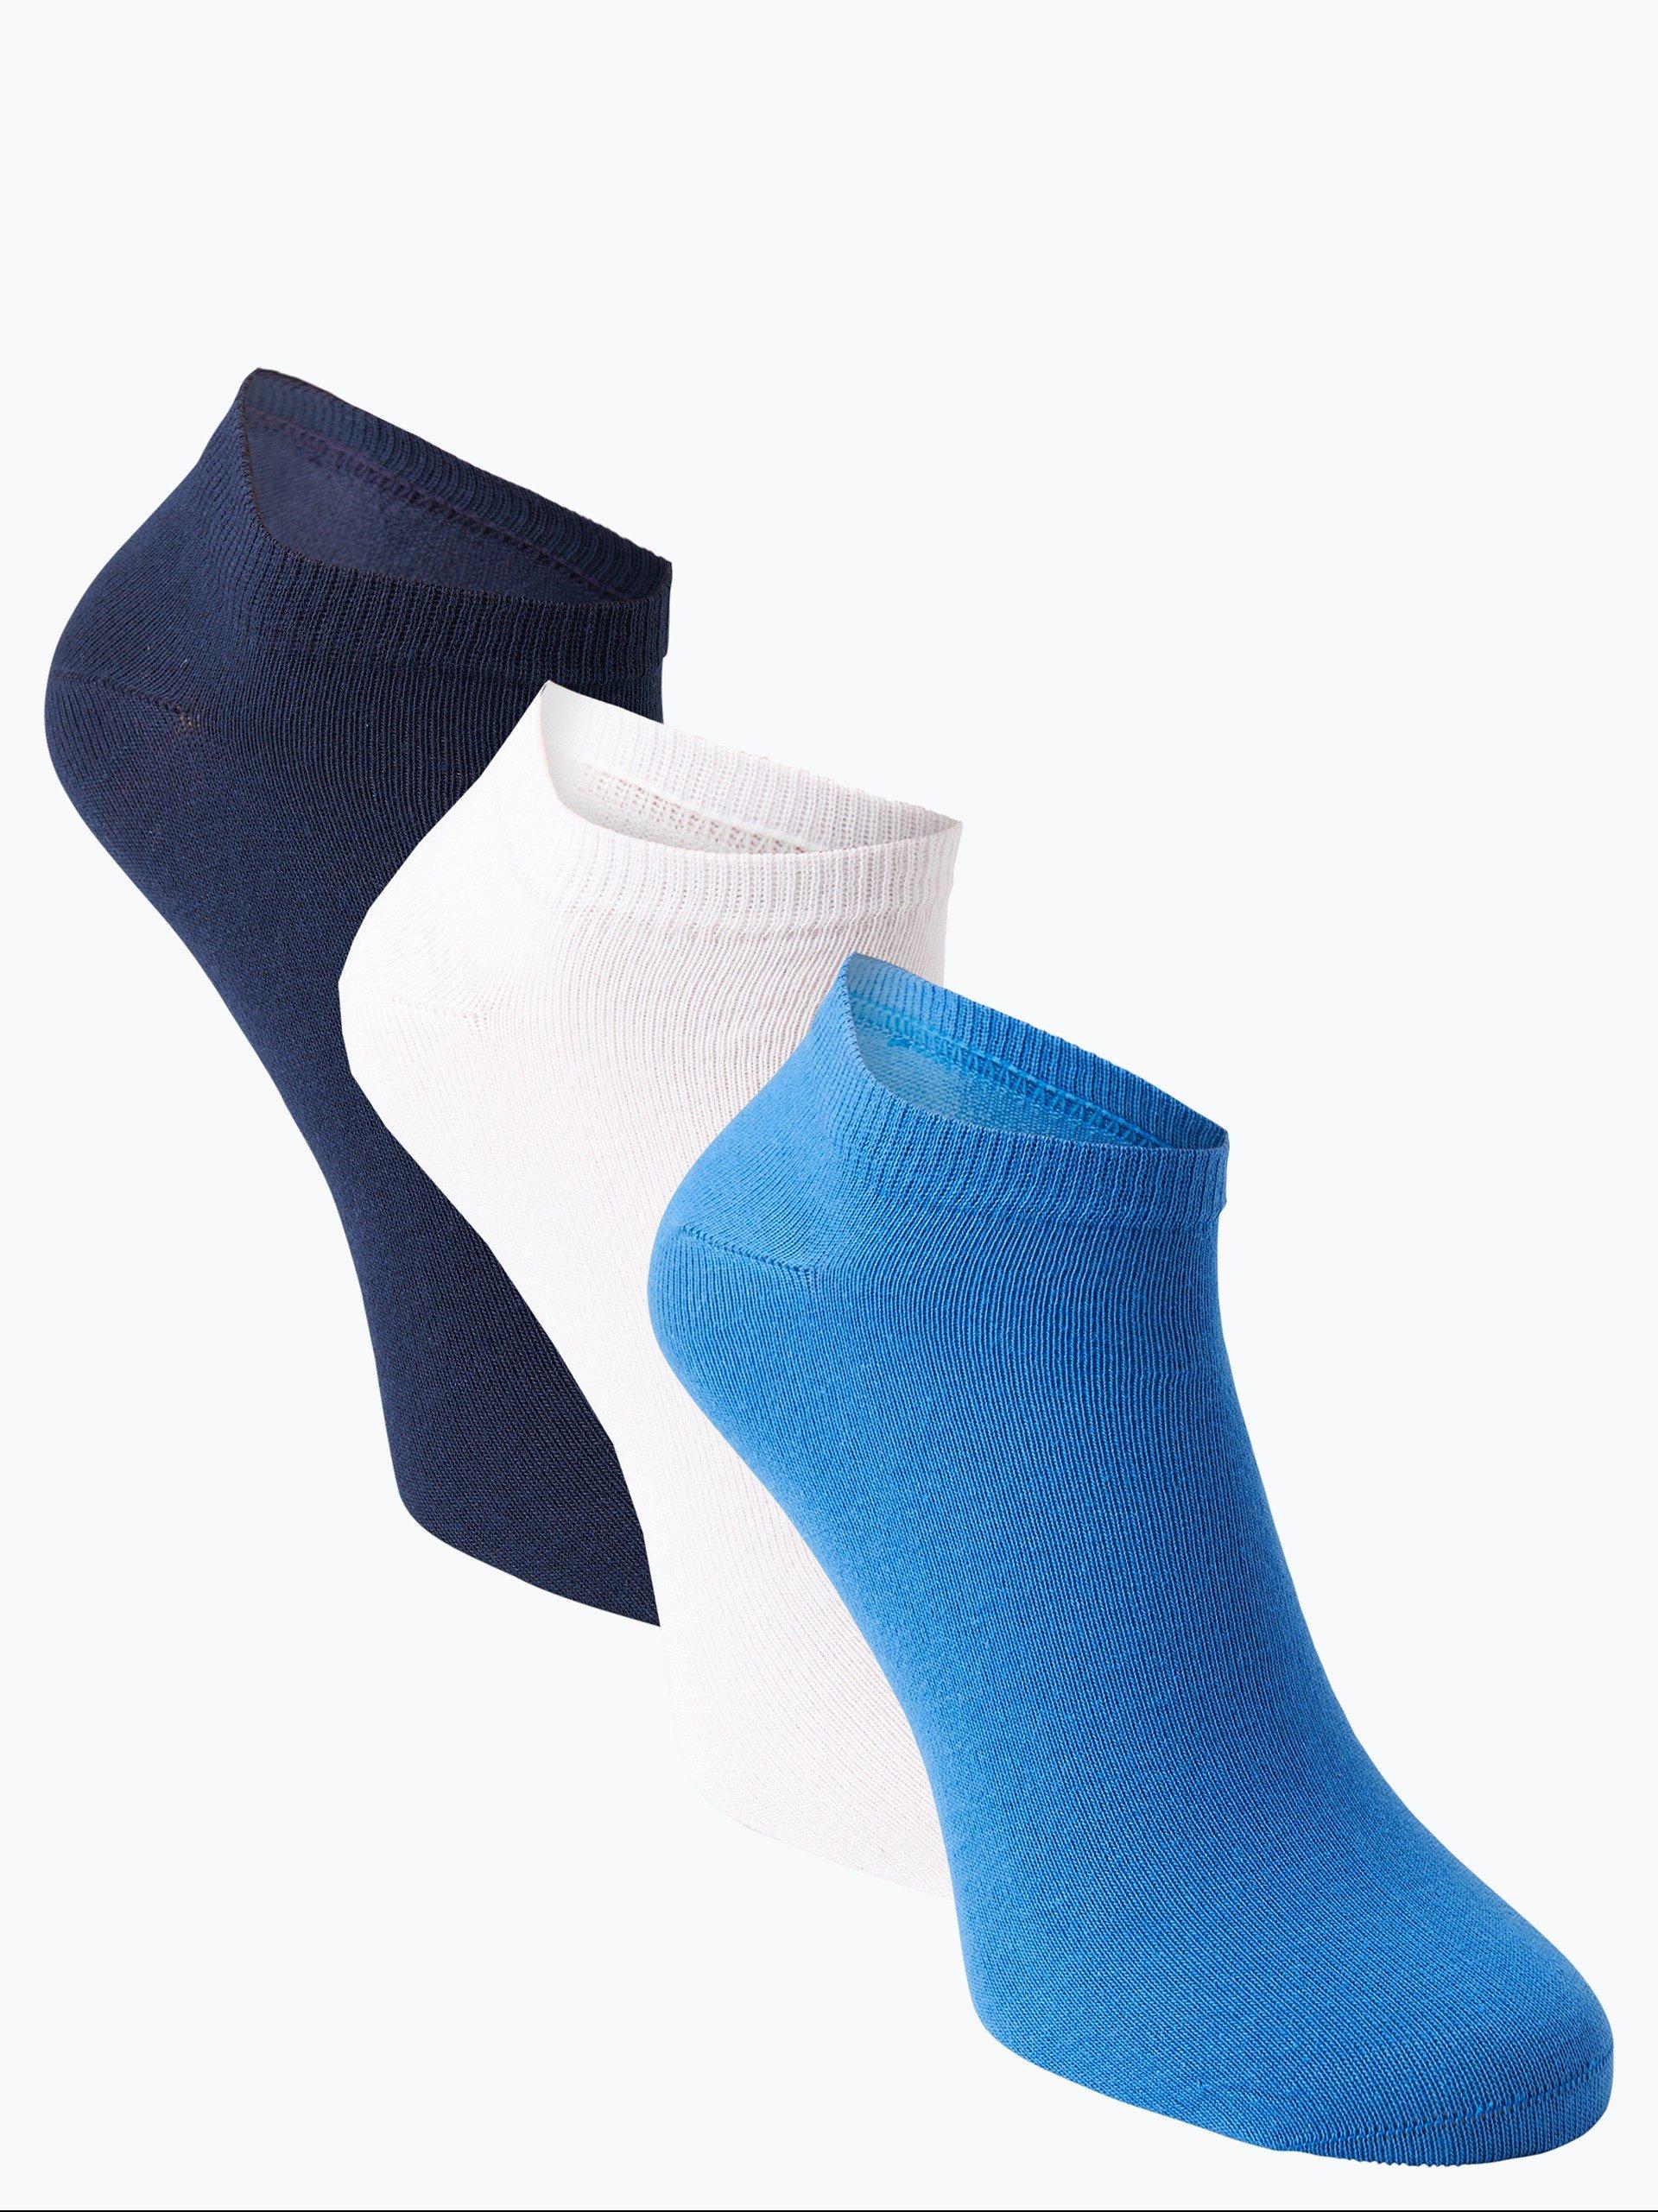 Nils Sundström Herren Sneaker-Socken im 3er-Pack